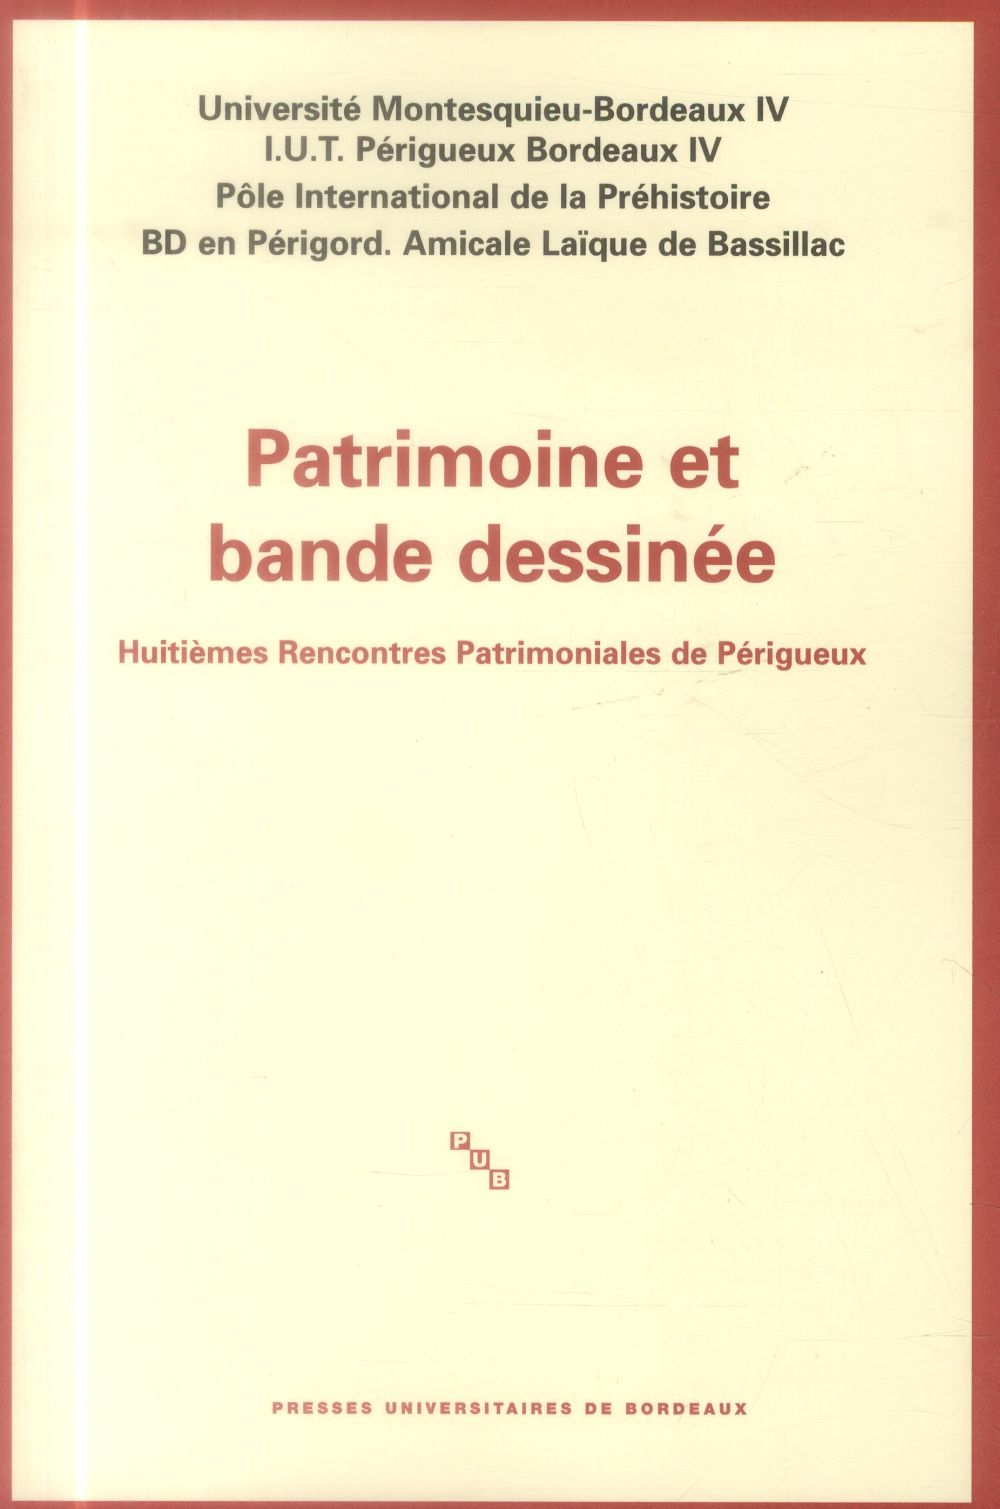 PATRIMOINE ET BANDE DESSINEE